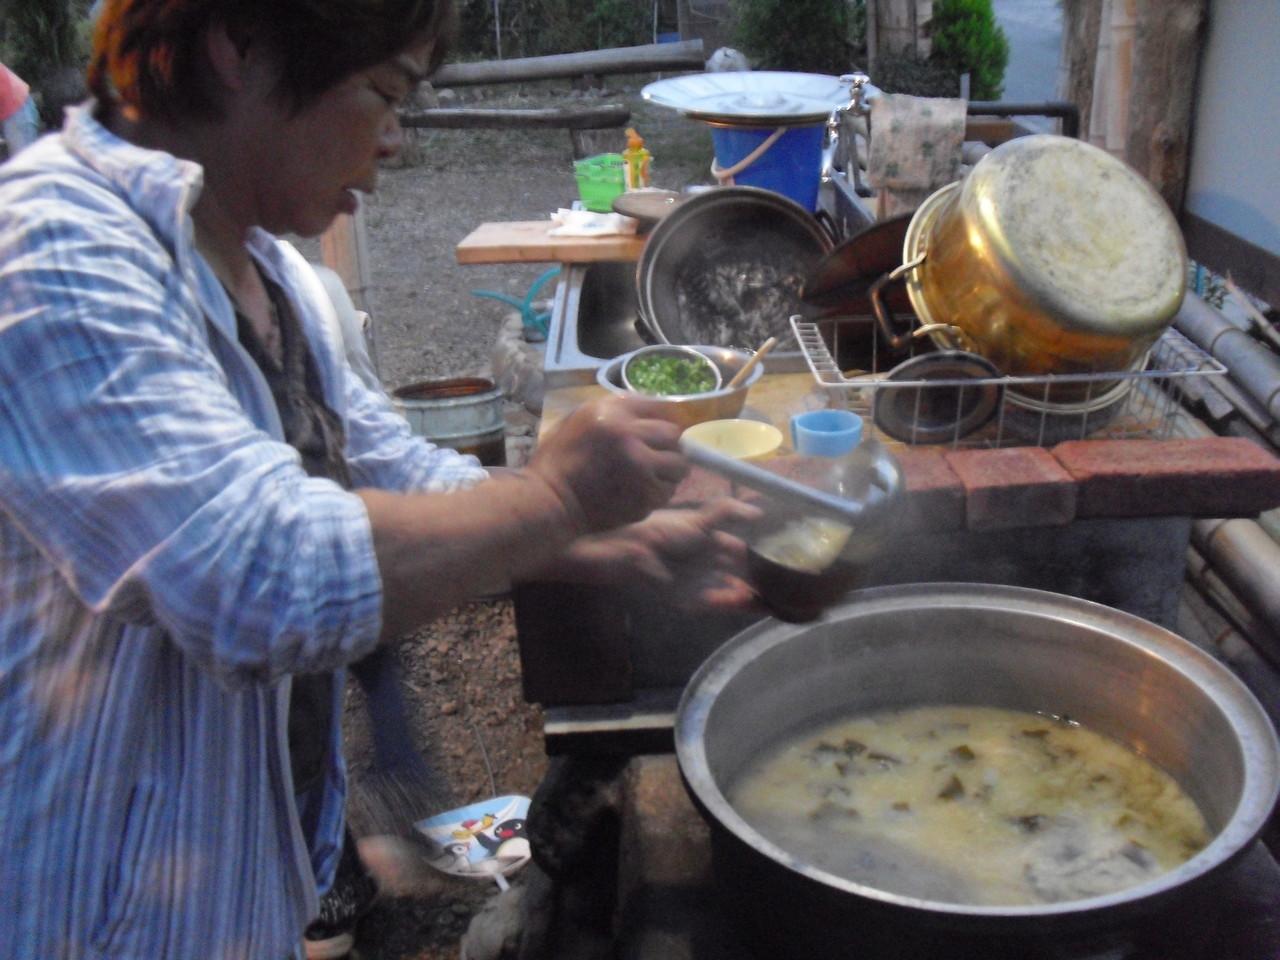 ふじっころ手作りの味噌で作った味噌汁。